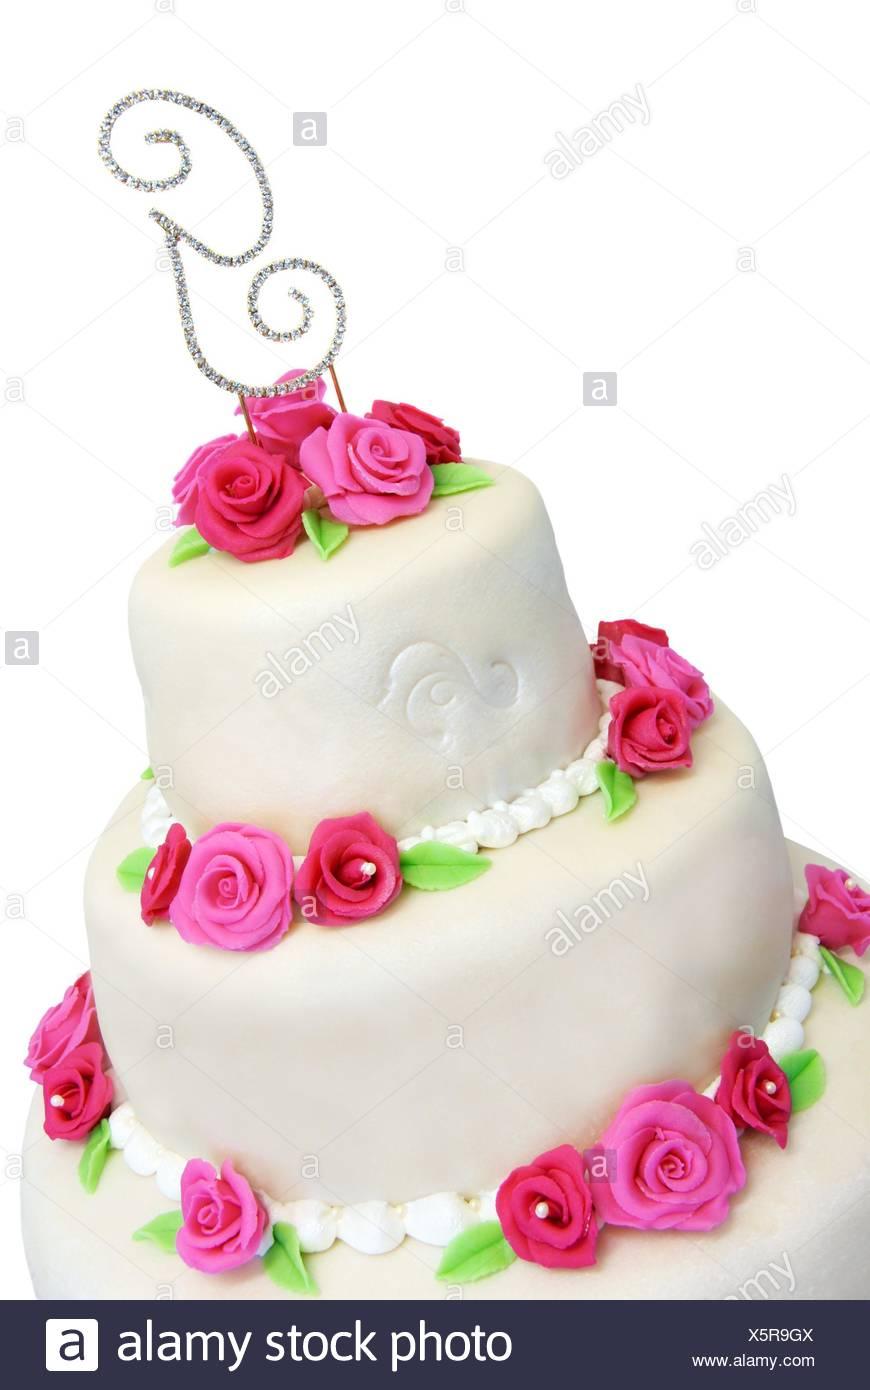 Drei Abgestufte Hochzeitstorte In Marzipan Bedeckt Und Mit Rosa